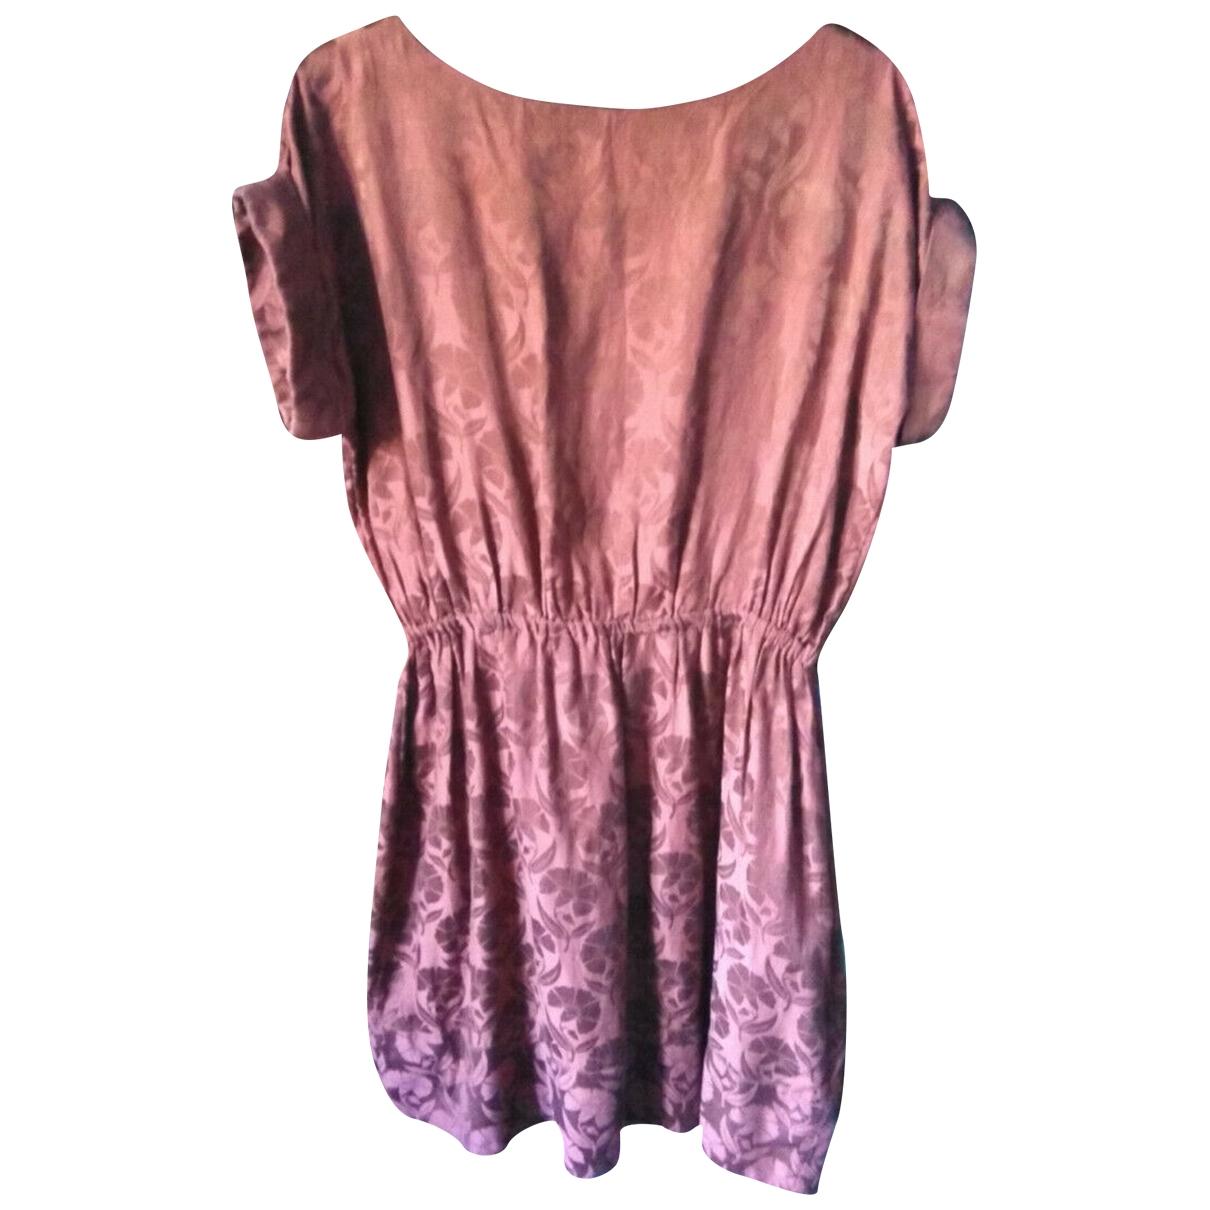 Hobbs N.w.3 - Robe   pour femme en soie - bordeaux